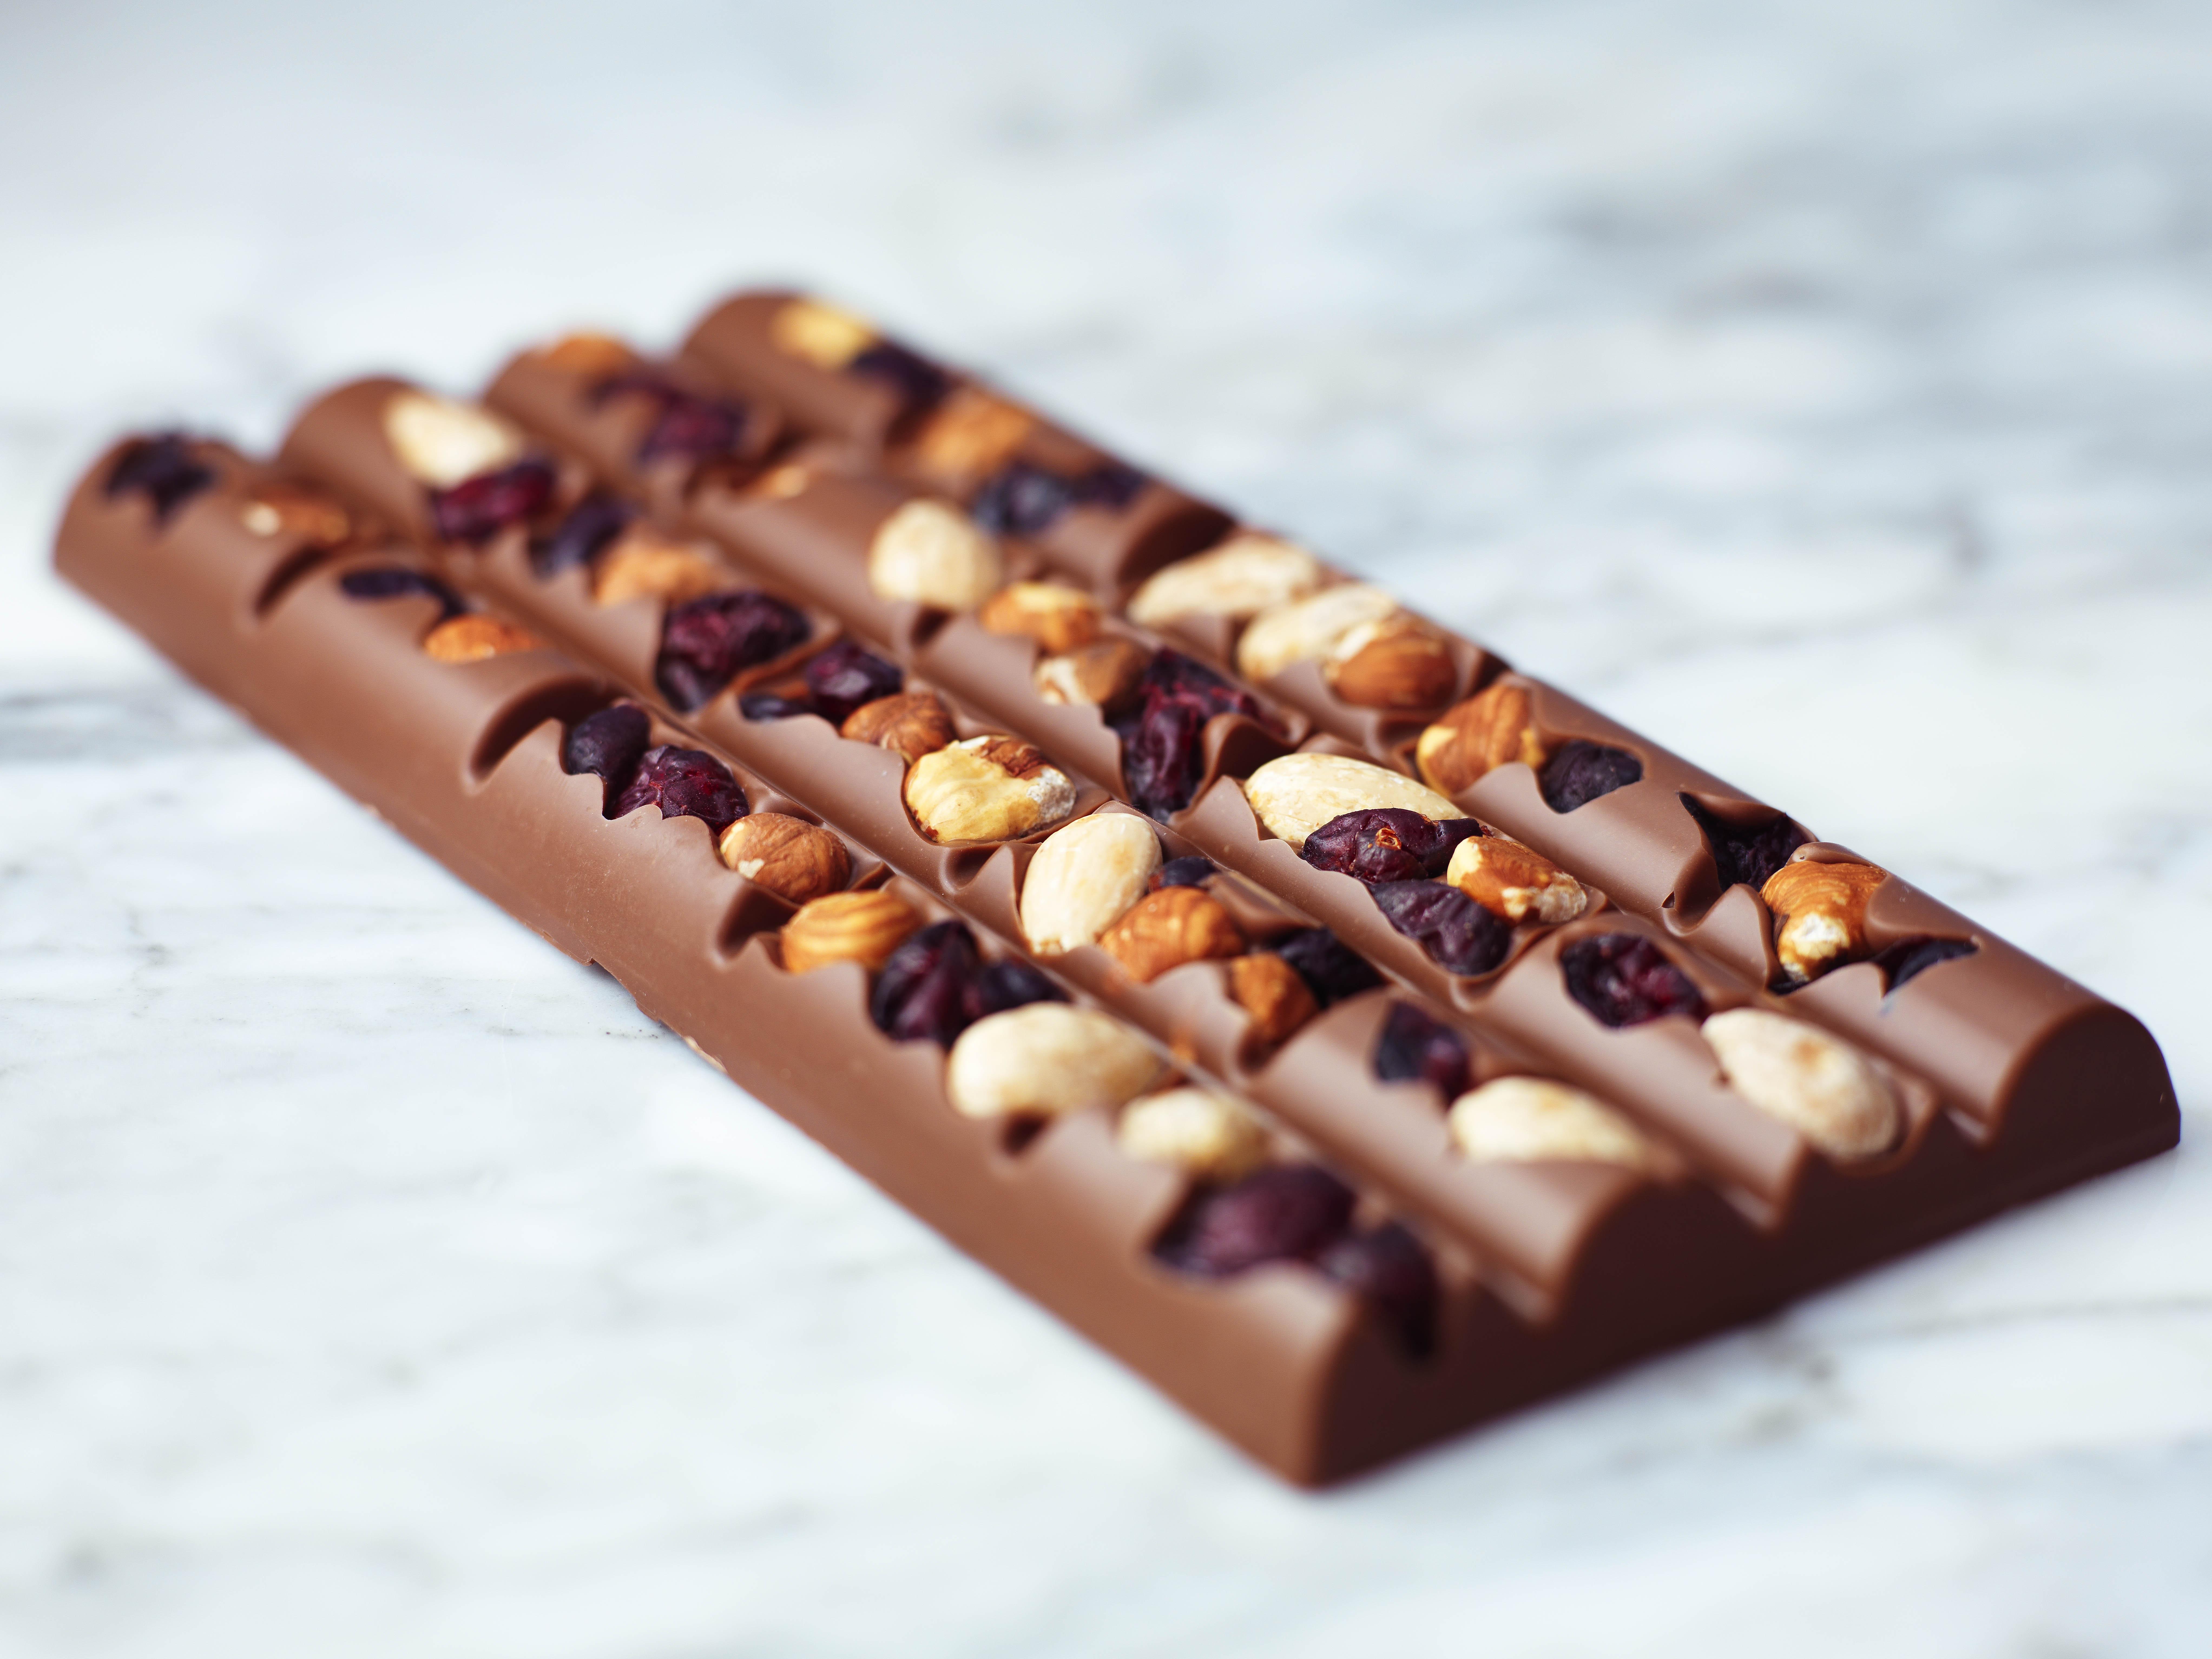 吃了半辈子巧克力,原来上面的凹槽大有用处,一直以来误会了